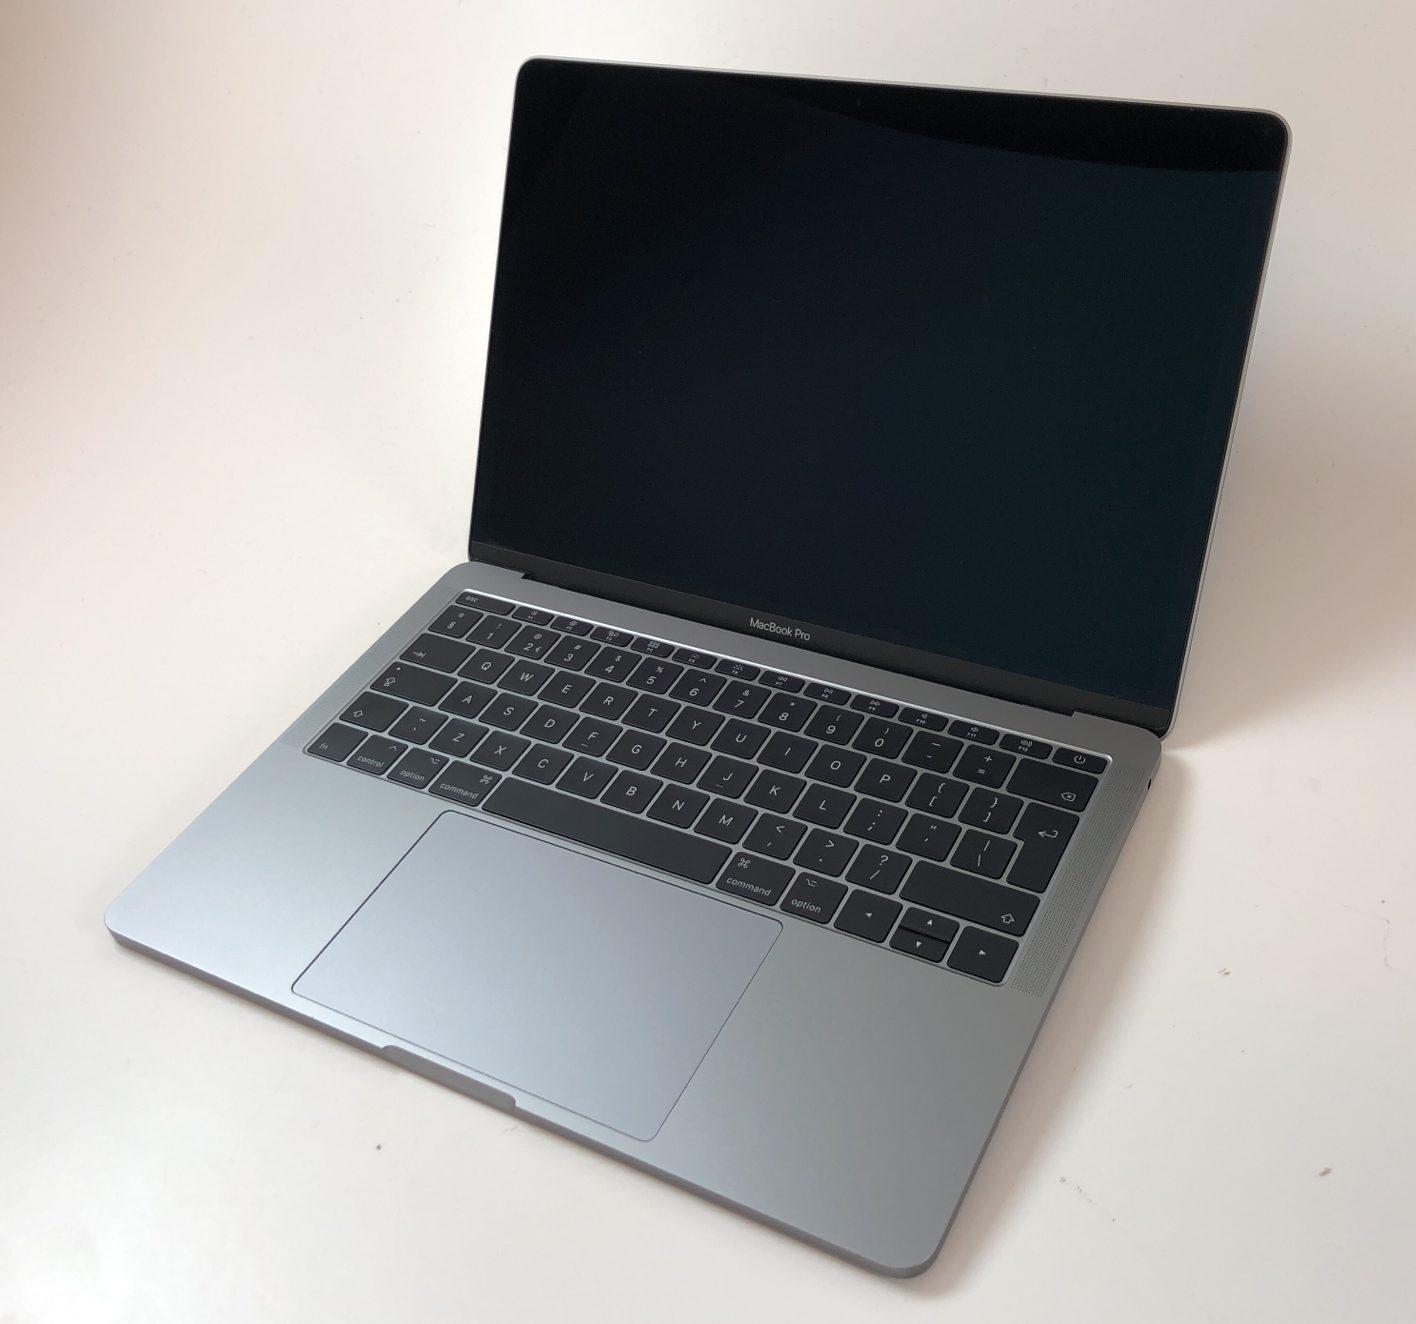 """MacBook Pro 13"""" 2TBT Mid 2017 (Intel Core i5 2.3 GHz 16 GB RAM 512 GB SSD), Space Gray, Intel Core i5 2.3 GHz, 16 GB RAM, 512 GB SSD, Afbeelding 1"""